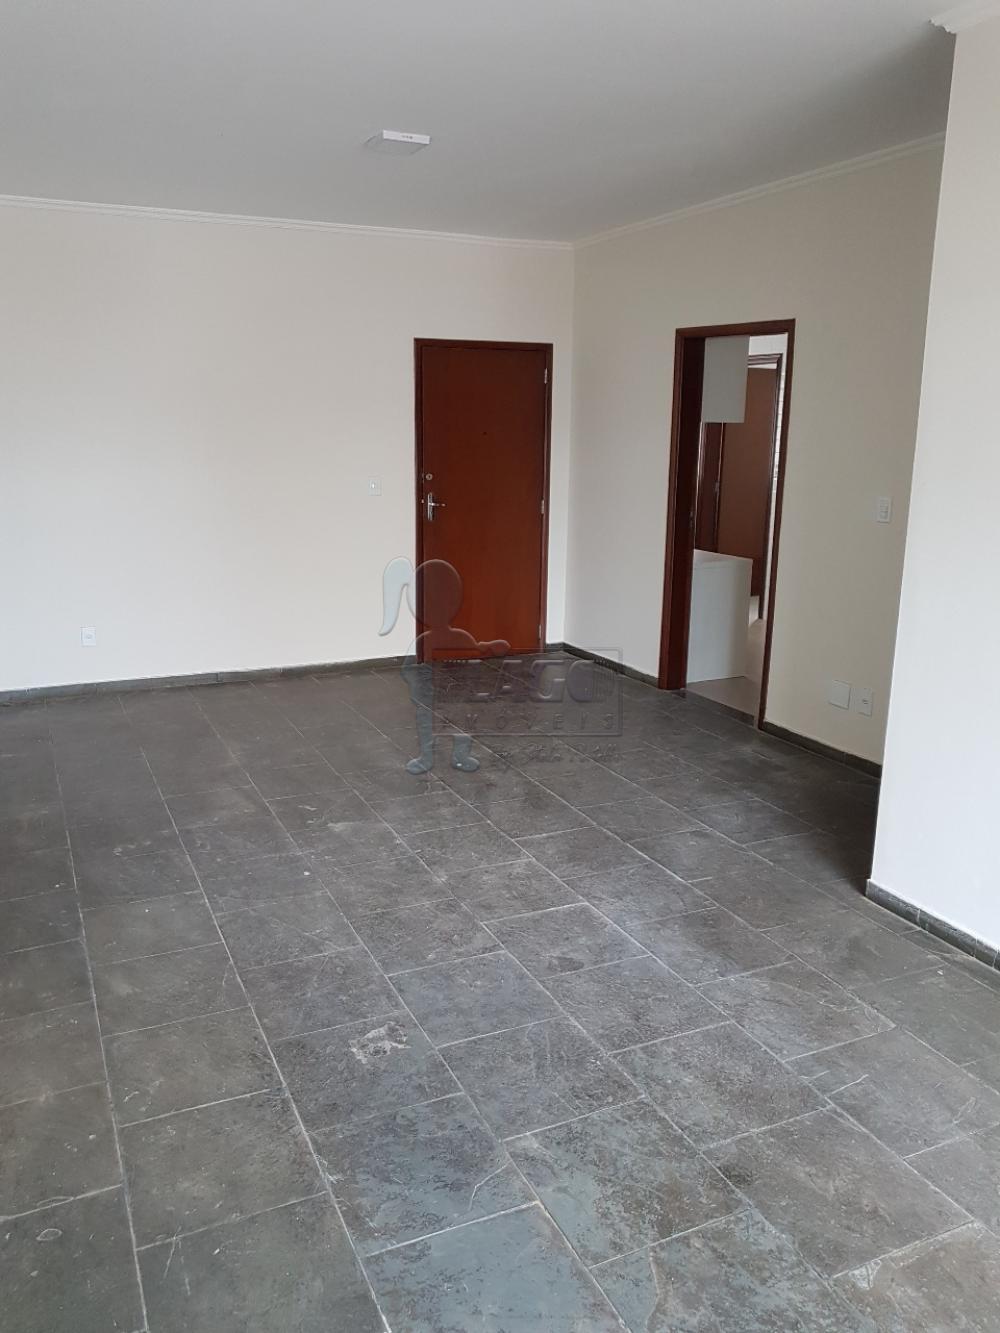 Comprar Apartamento / Padrão em Ribeirão Preto apenas R$ 295.000,00 - Foto 17